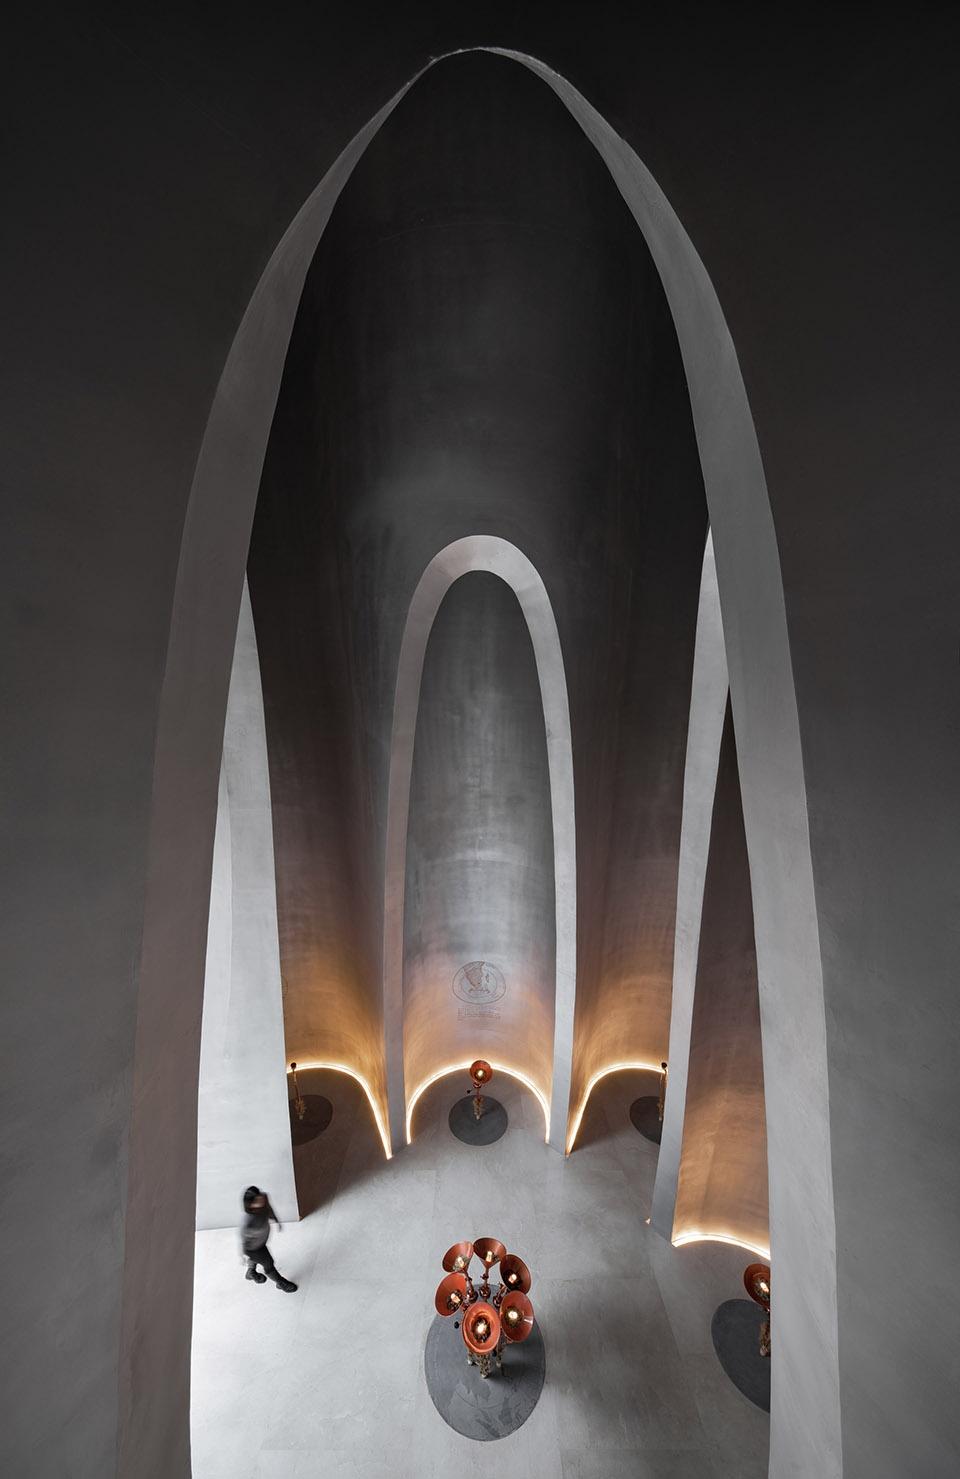 008-the-flow-of-grain-beer-museum-by-waterfrom-design-960x1479.jpg